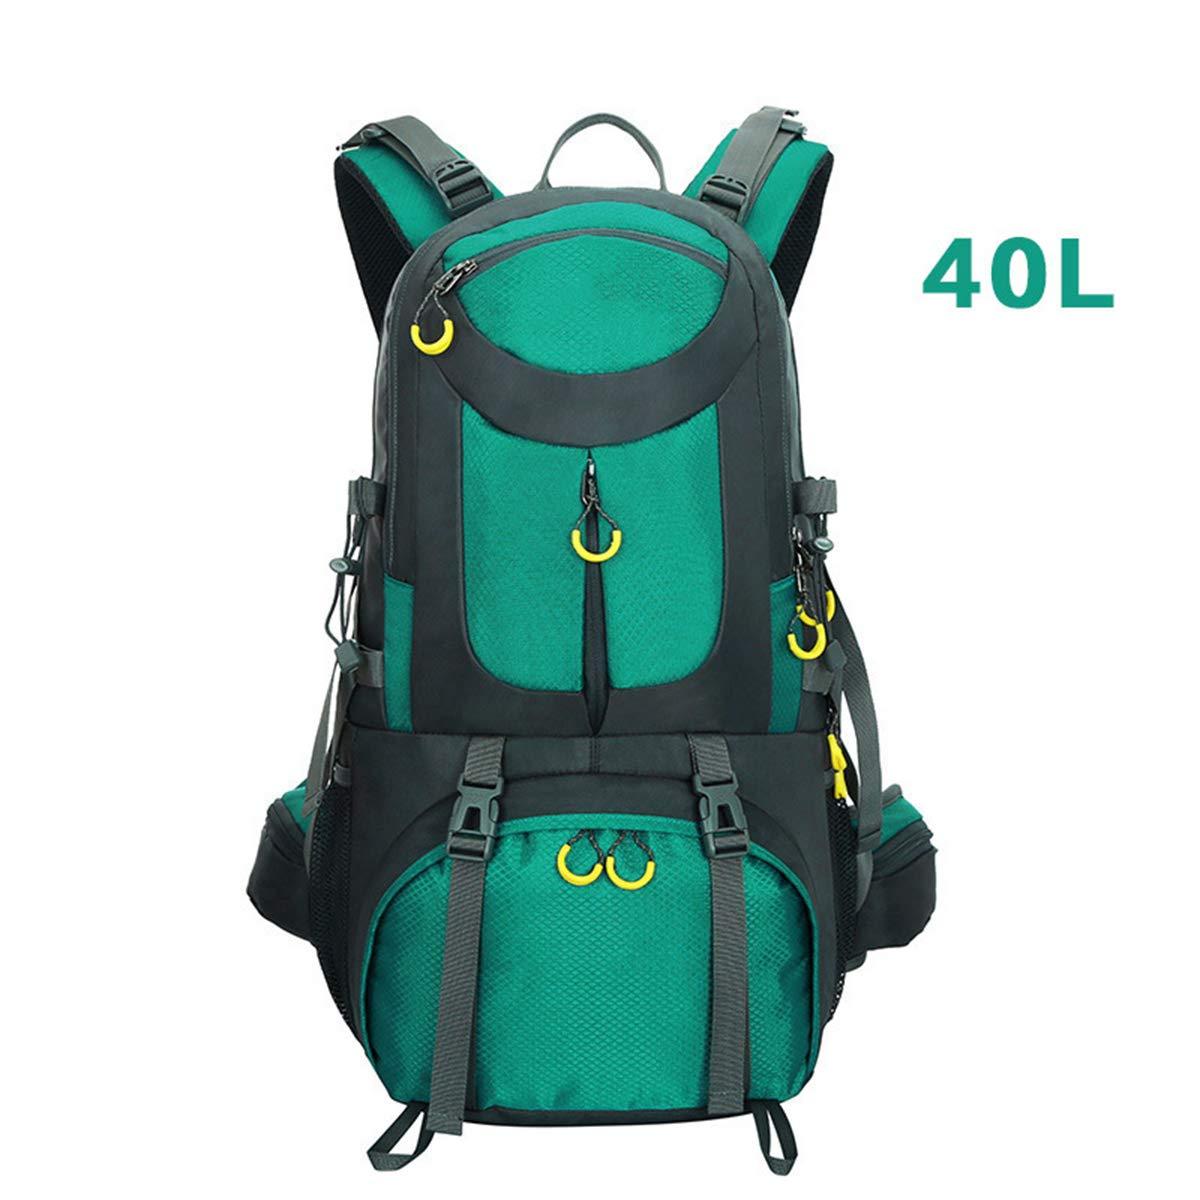 C  Sac D'alpinisme En Plein Air Sac De Randonnée Grande Capacité Sac à Dos De Sport Sac Léger Et Multifonctionnel Pour Le Voyage Sac D'alpinisme